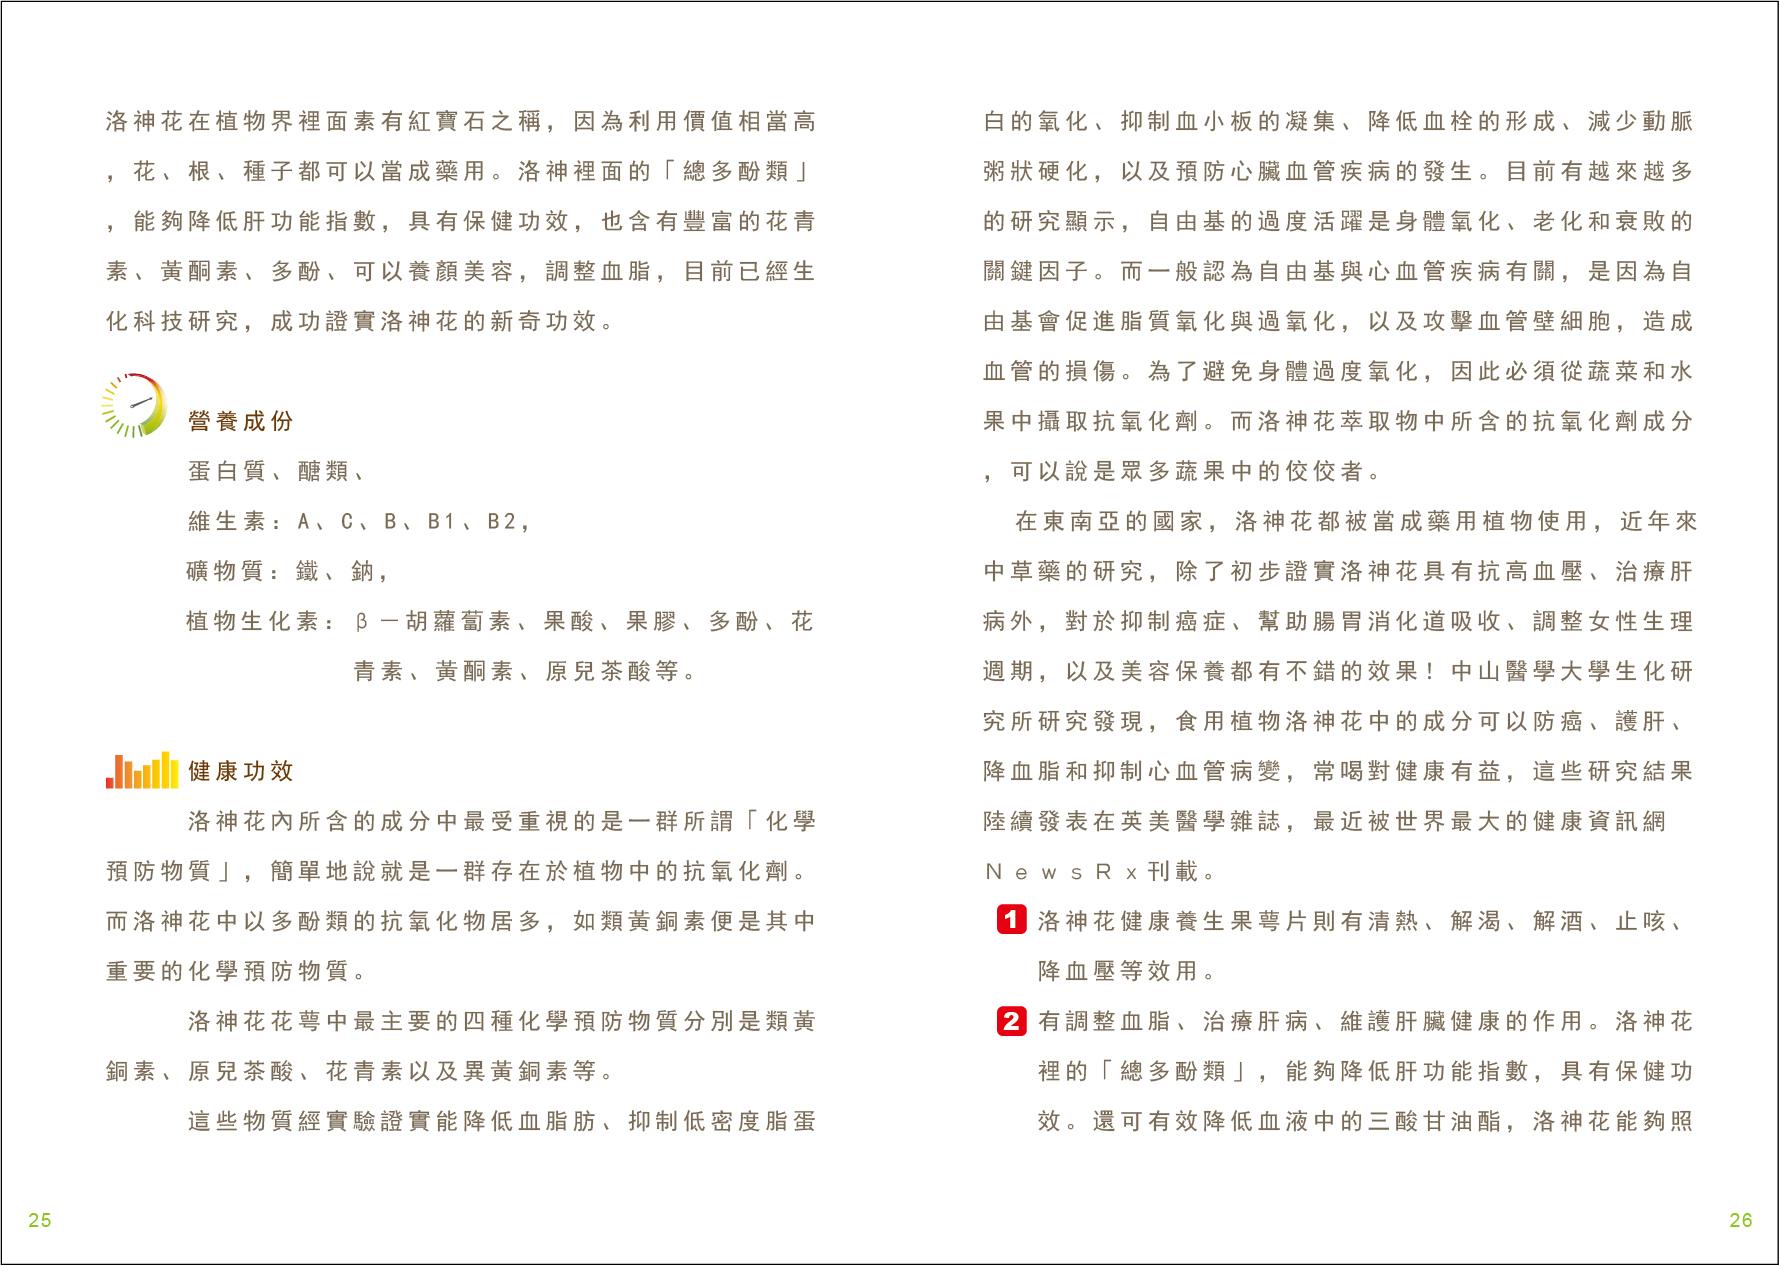 素人清歡_加盟手冊_2526玫瑰B_v160223a